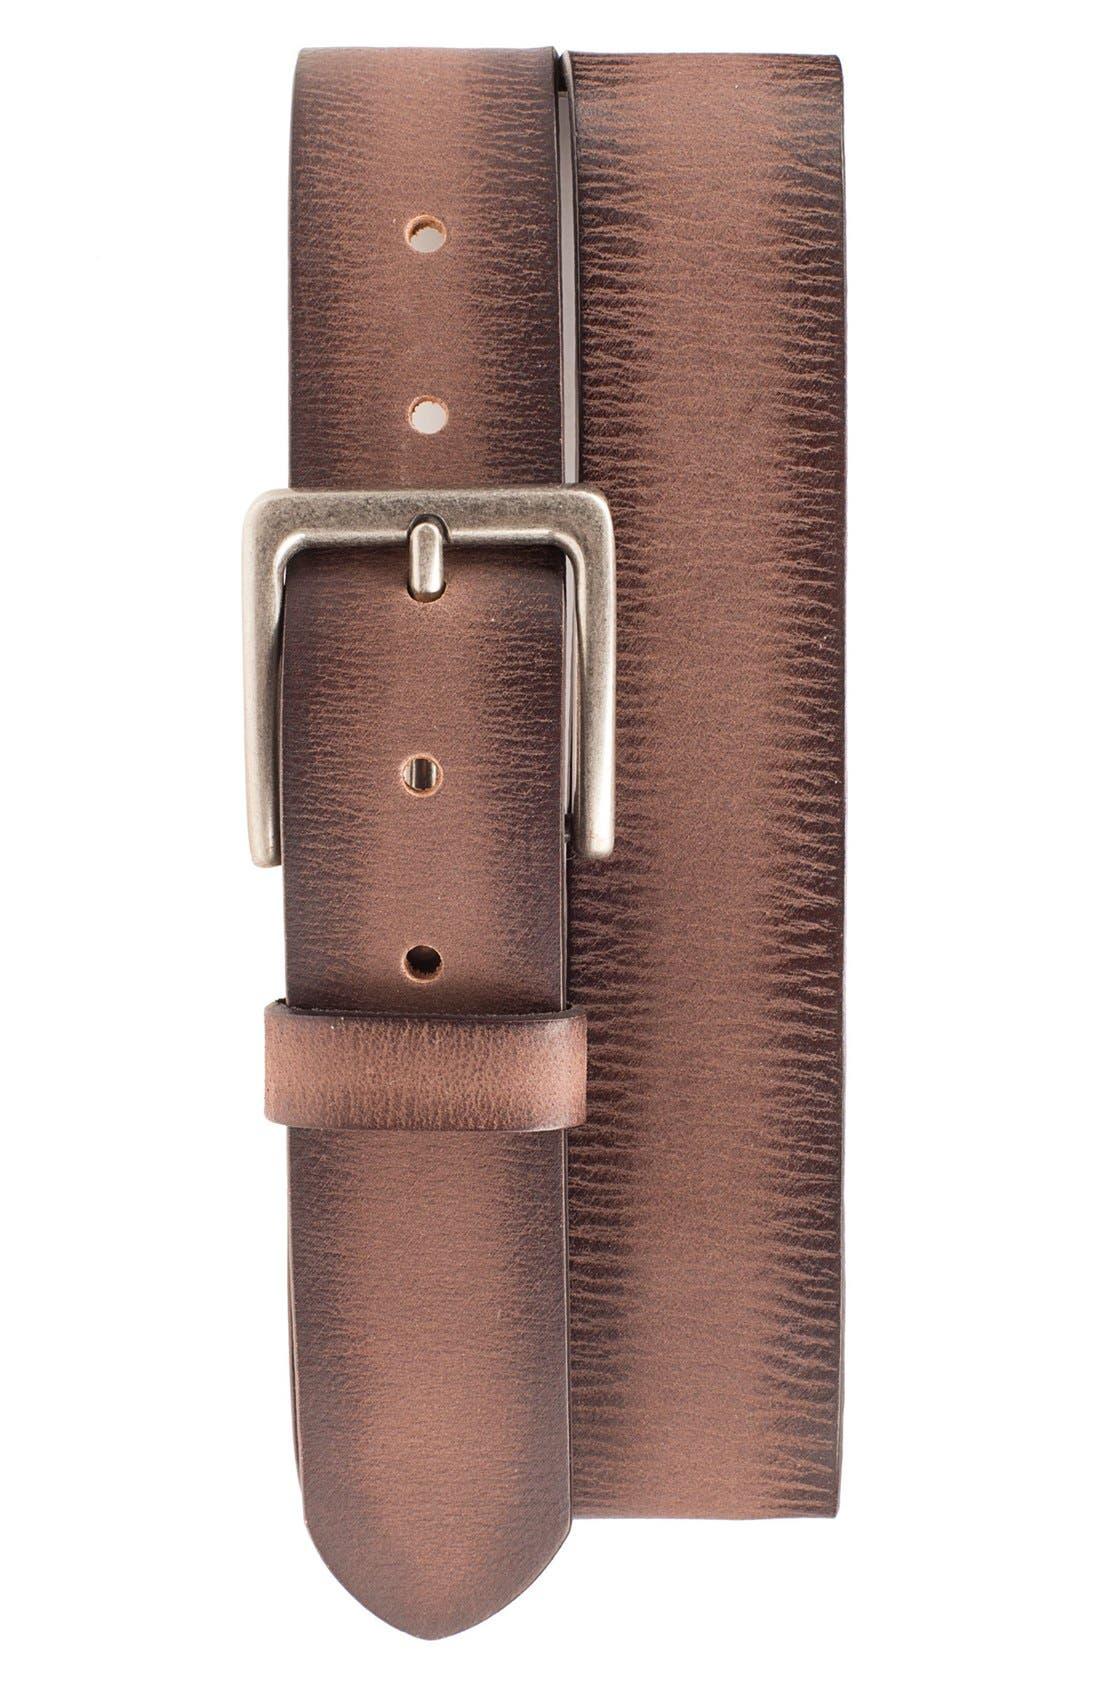 Alternate Image 1 Selected - Bill Adler 1981 'Easy Rider' Leather Belt